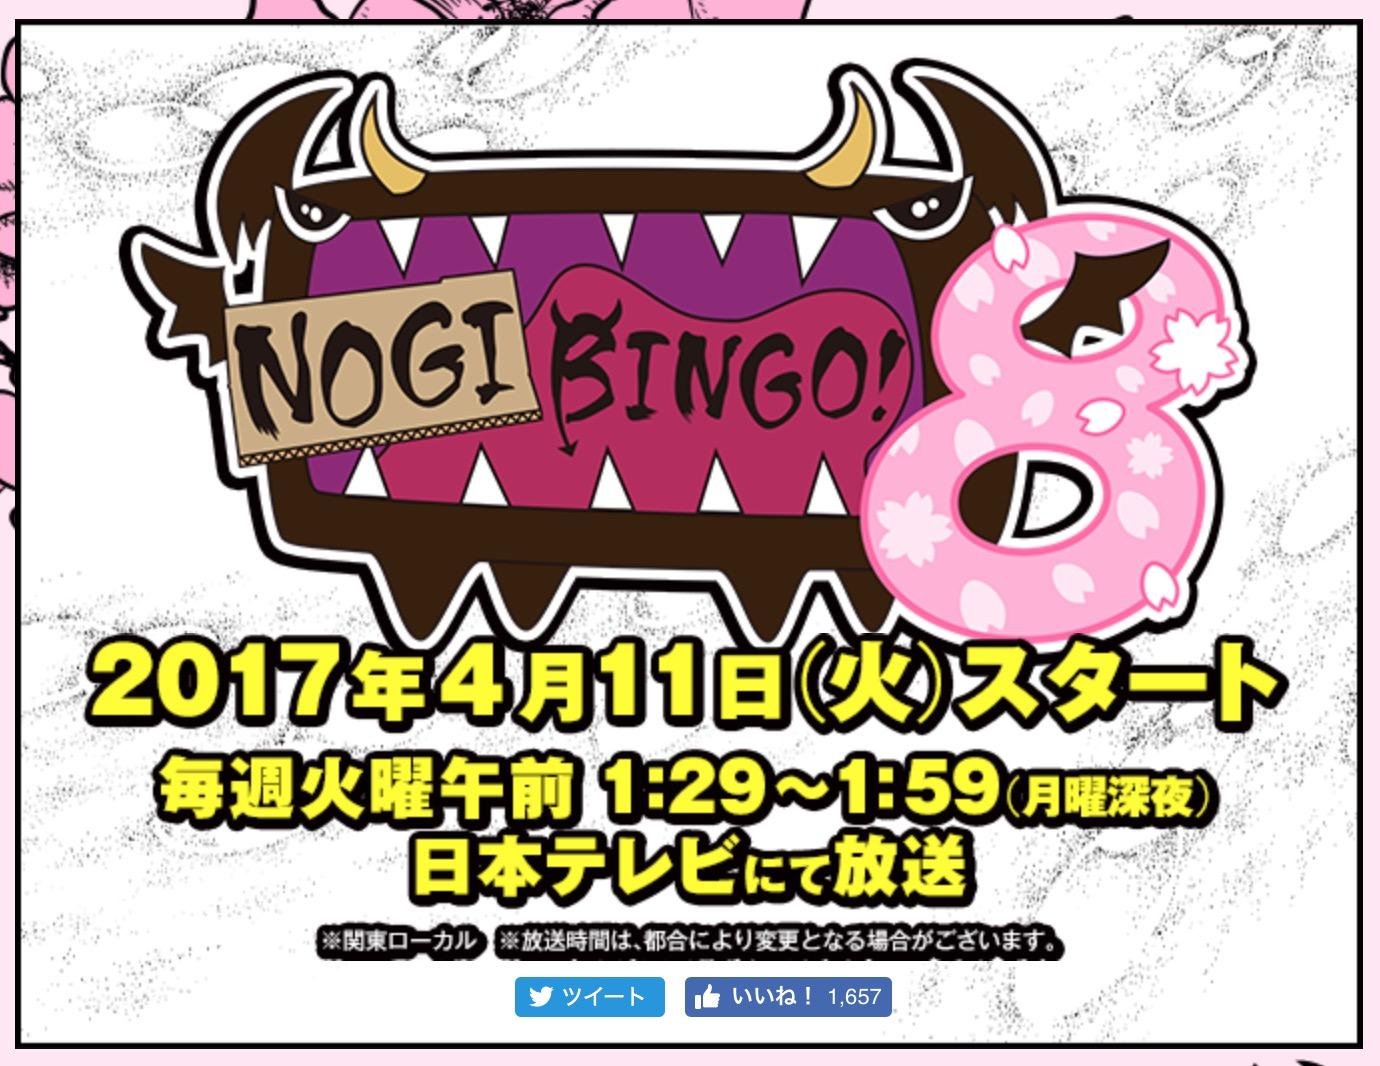 日本テレビ「NOGIBNINGO!8」番組公式サイト